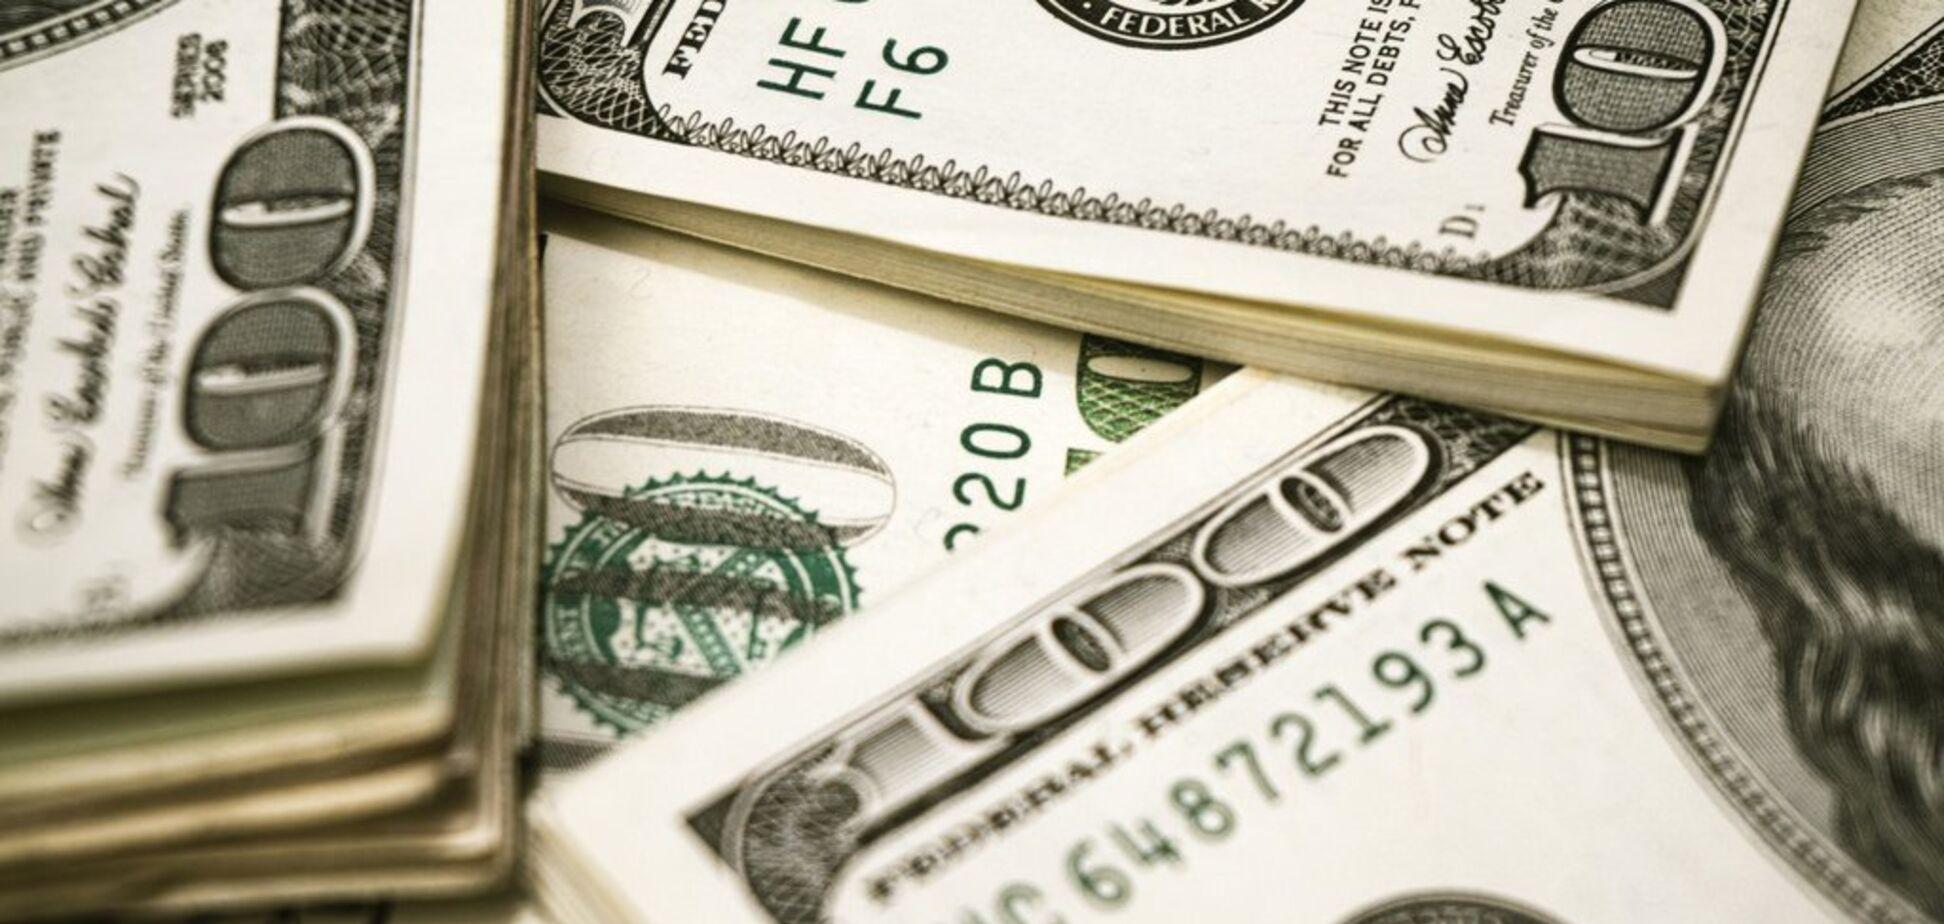 Миллионы исчезают, а бумажки меняют на гривни: главные схемы отмывания средств в Украине